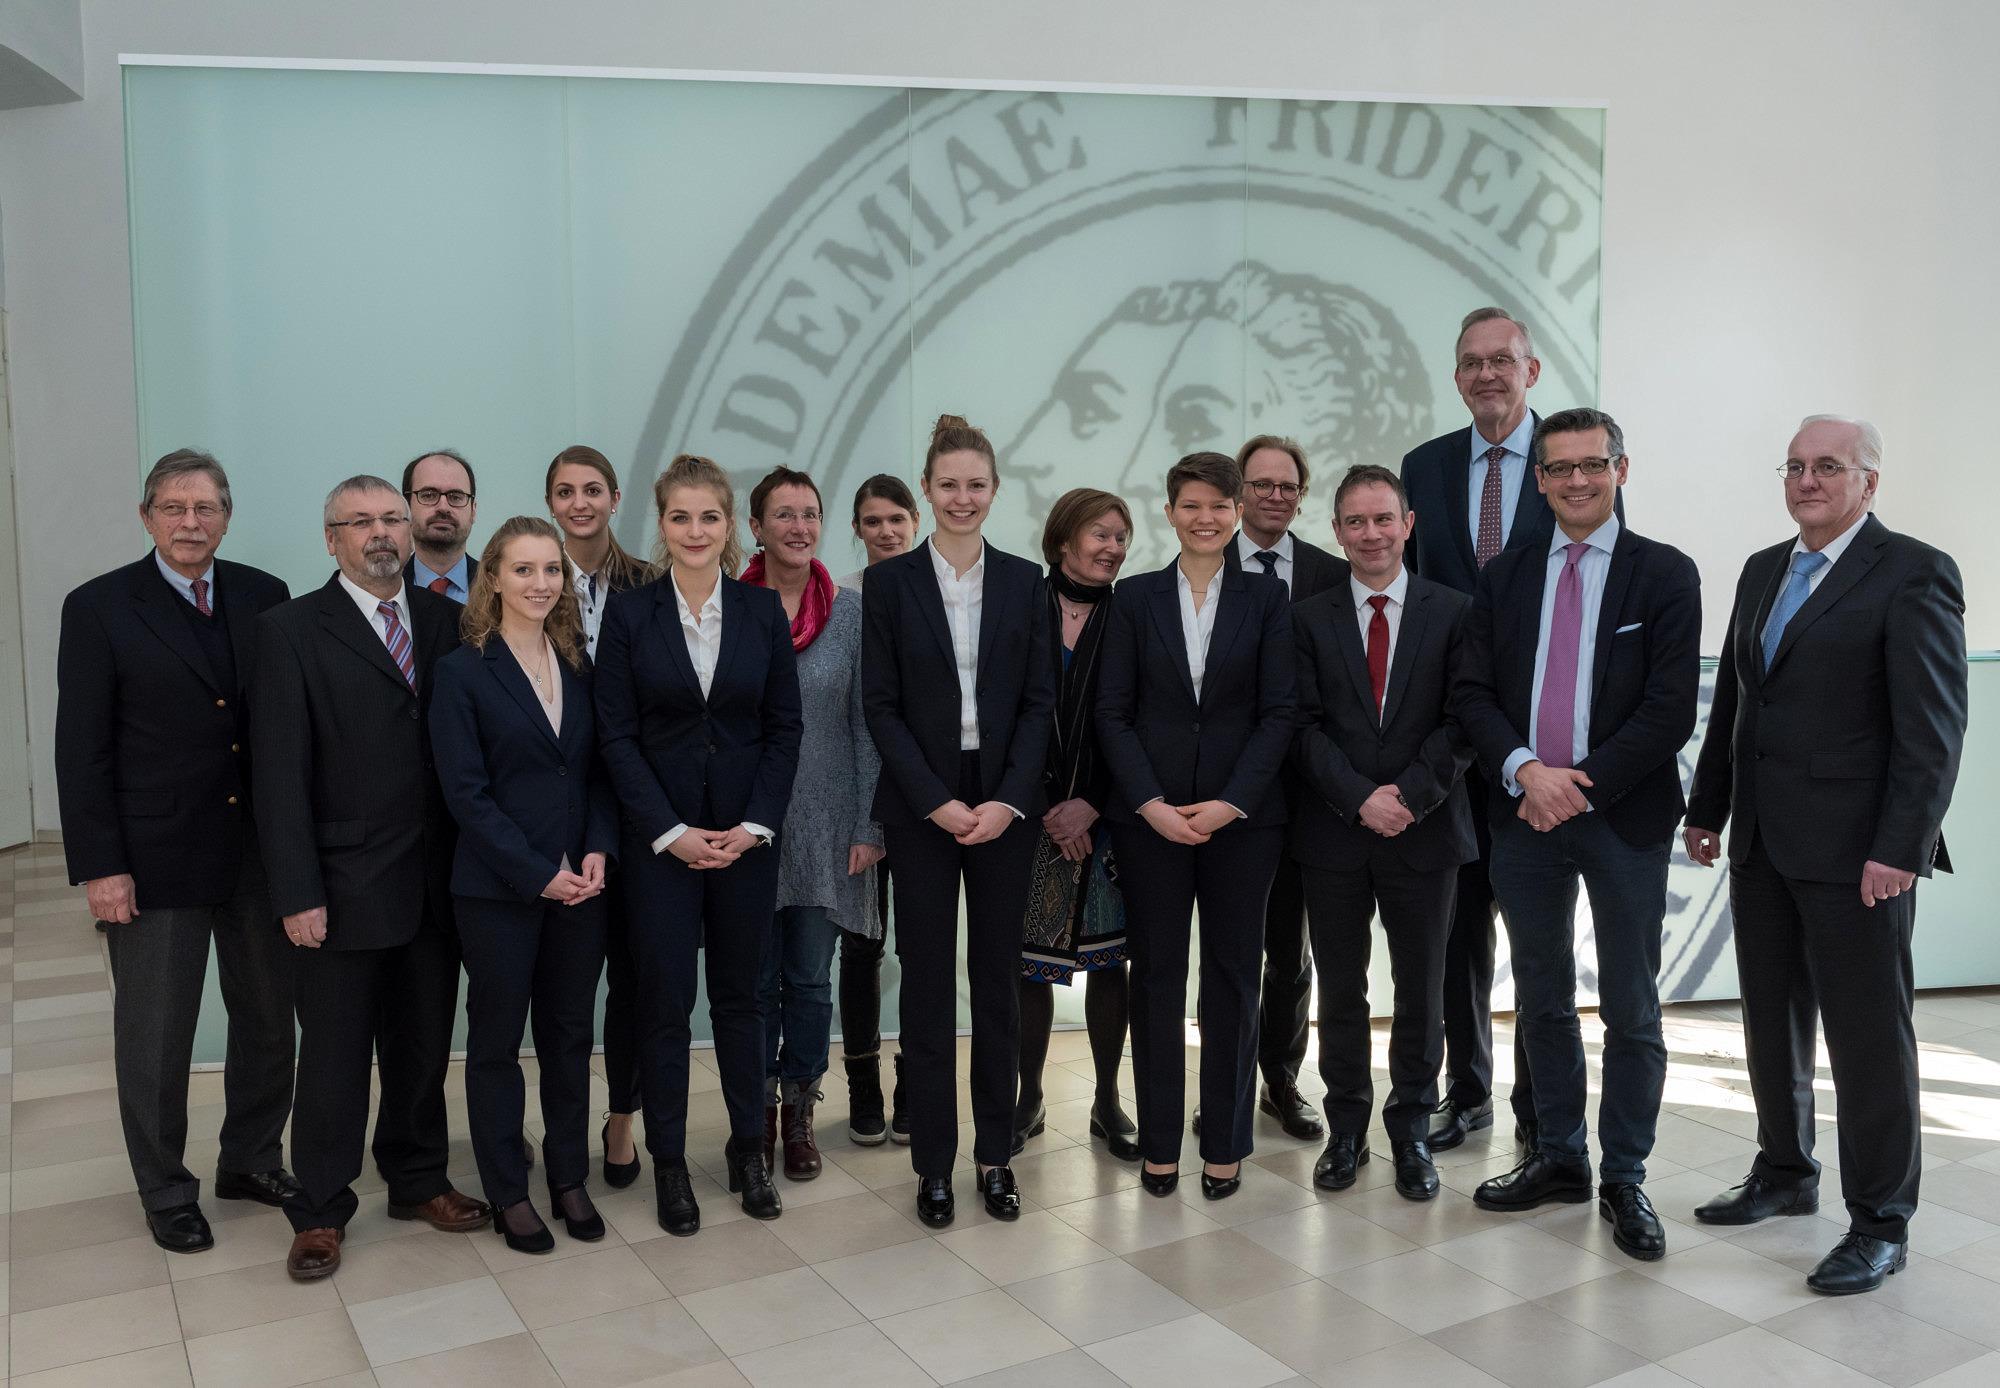 Das FAU Team 2018 mit Ehrengästen und Richtern bei der Generalprobe im Wassersaal der Orangerie